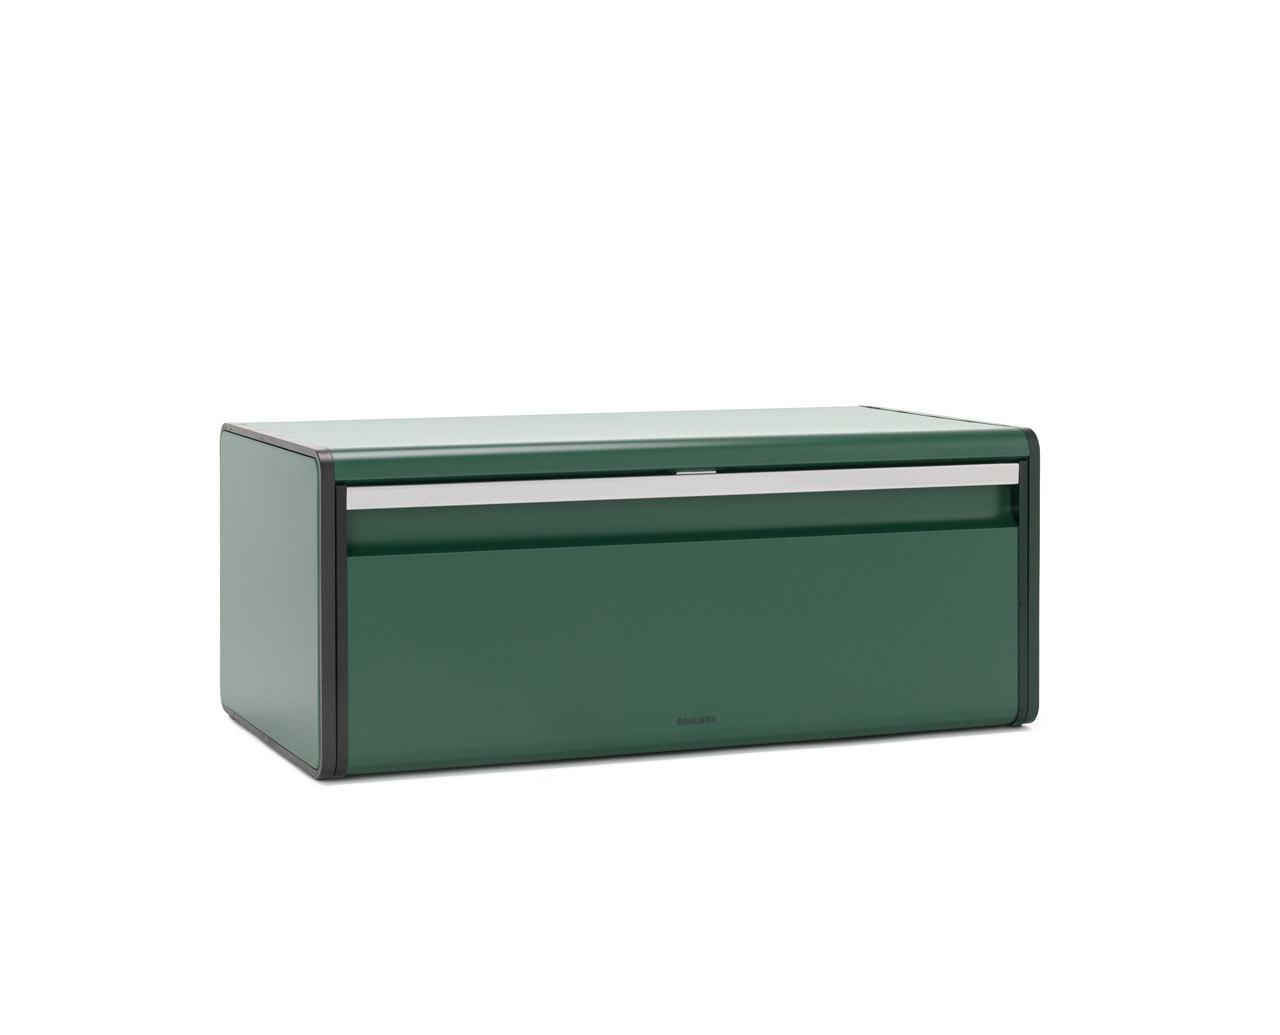 Хлебница с откидной крышкой, Зеленая сосна, арт. 304705 - фото 1